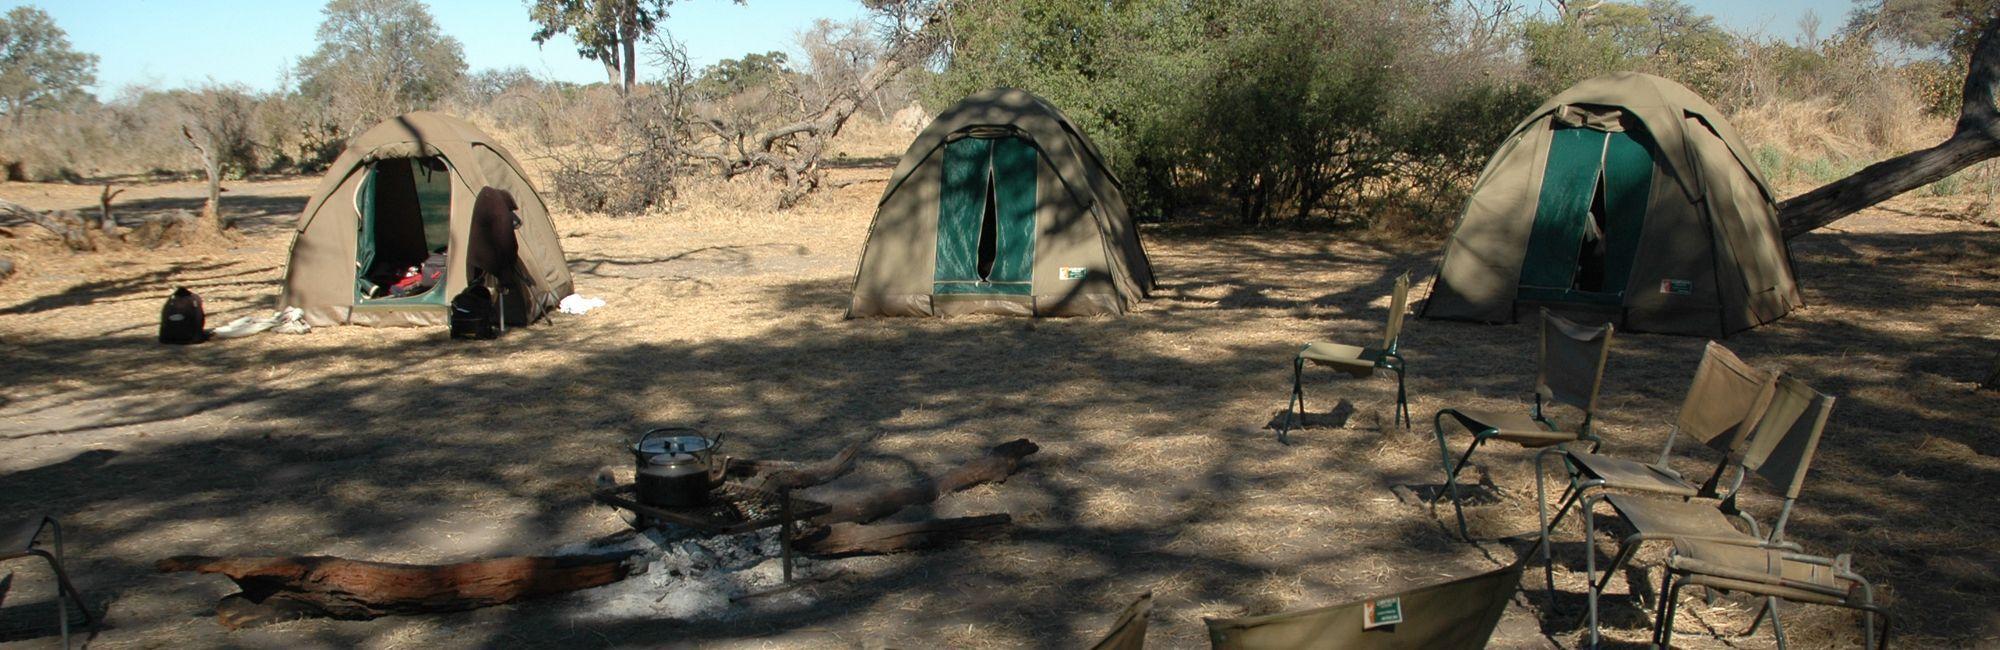 Kampeer groepsreis Victoria Falls en Namibie